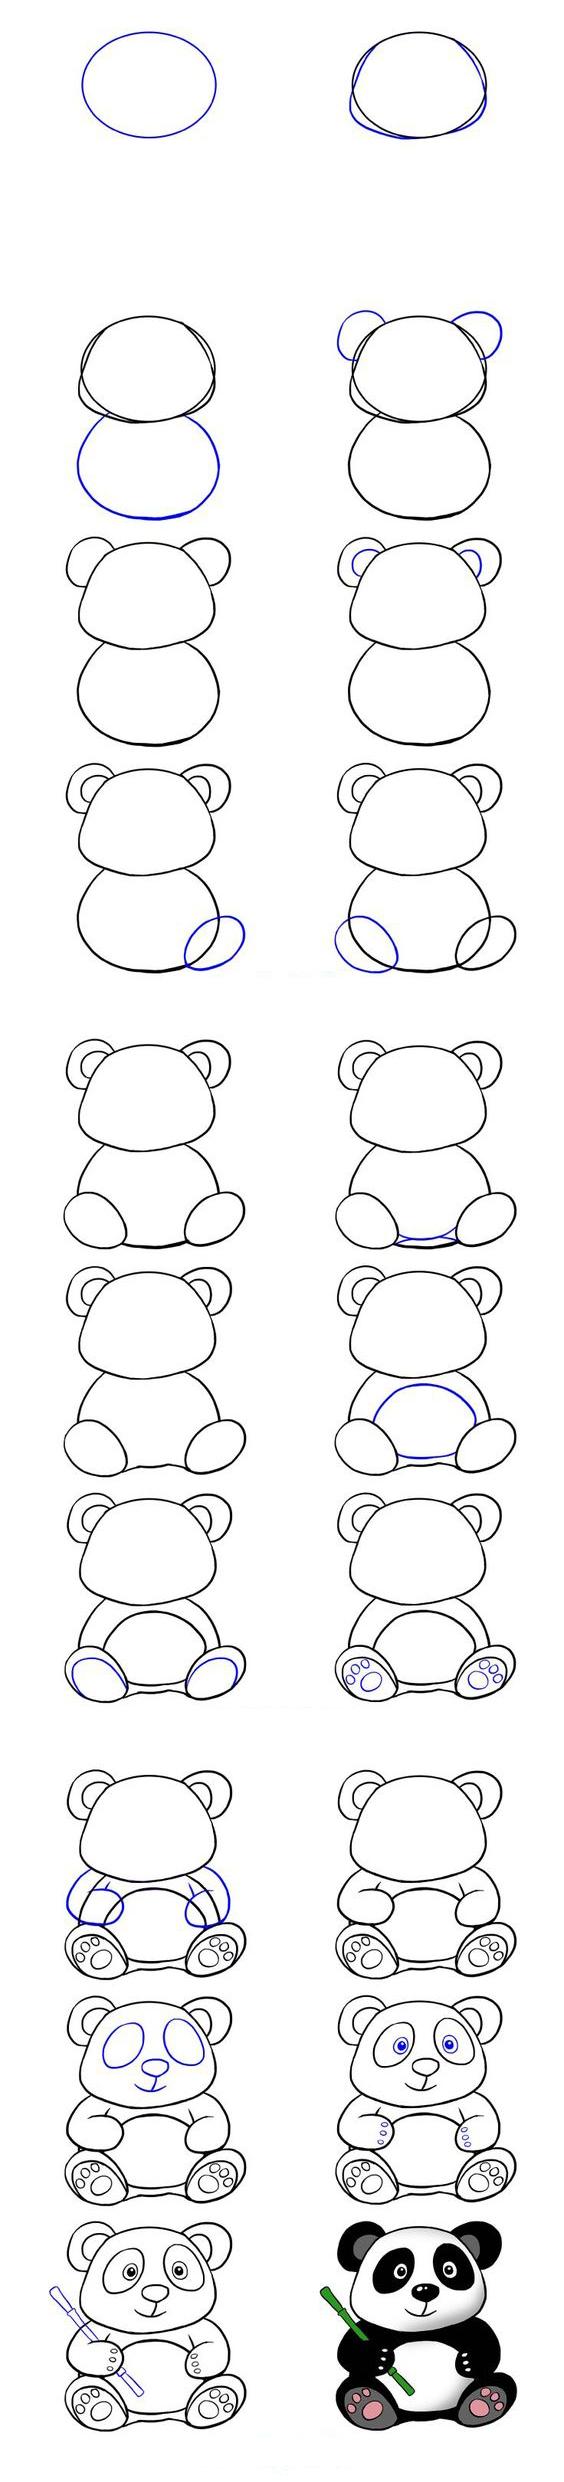 تعليم الرسم للاطفال طريقة رسم دب الباندا خطوة بخطوة بسهولة تامة